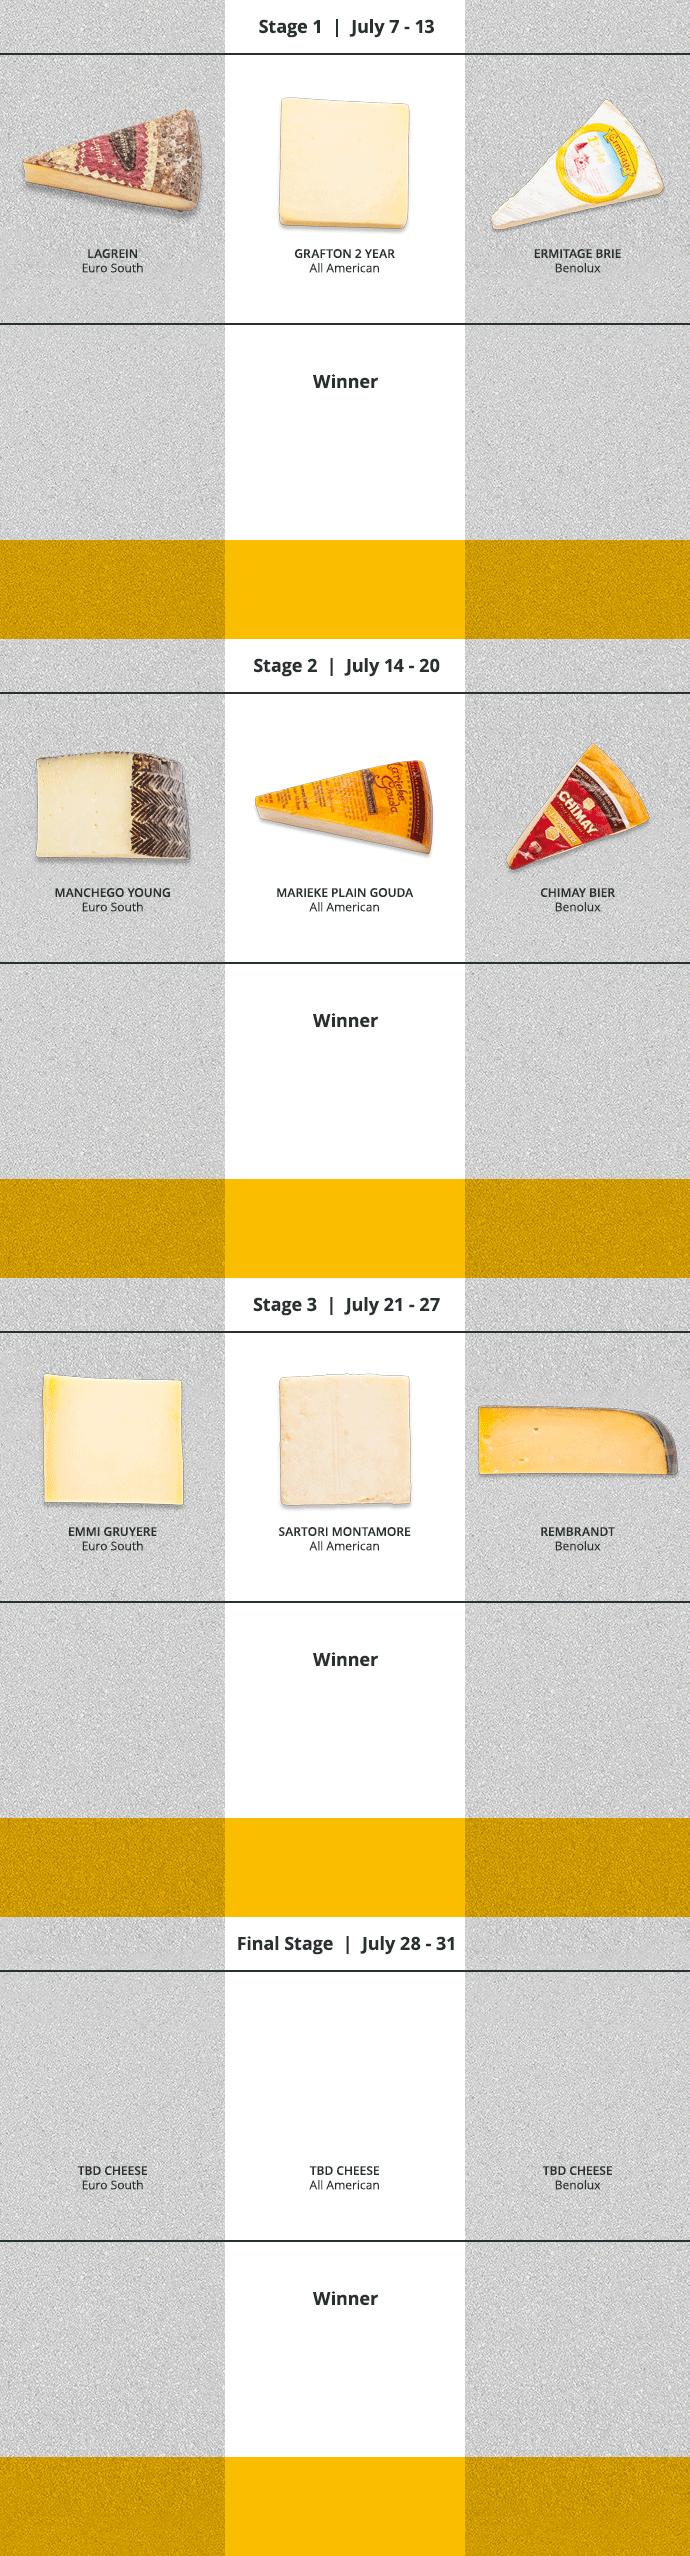 Follow The Race July 7-31!